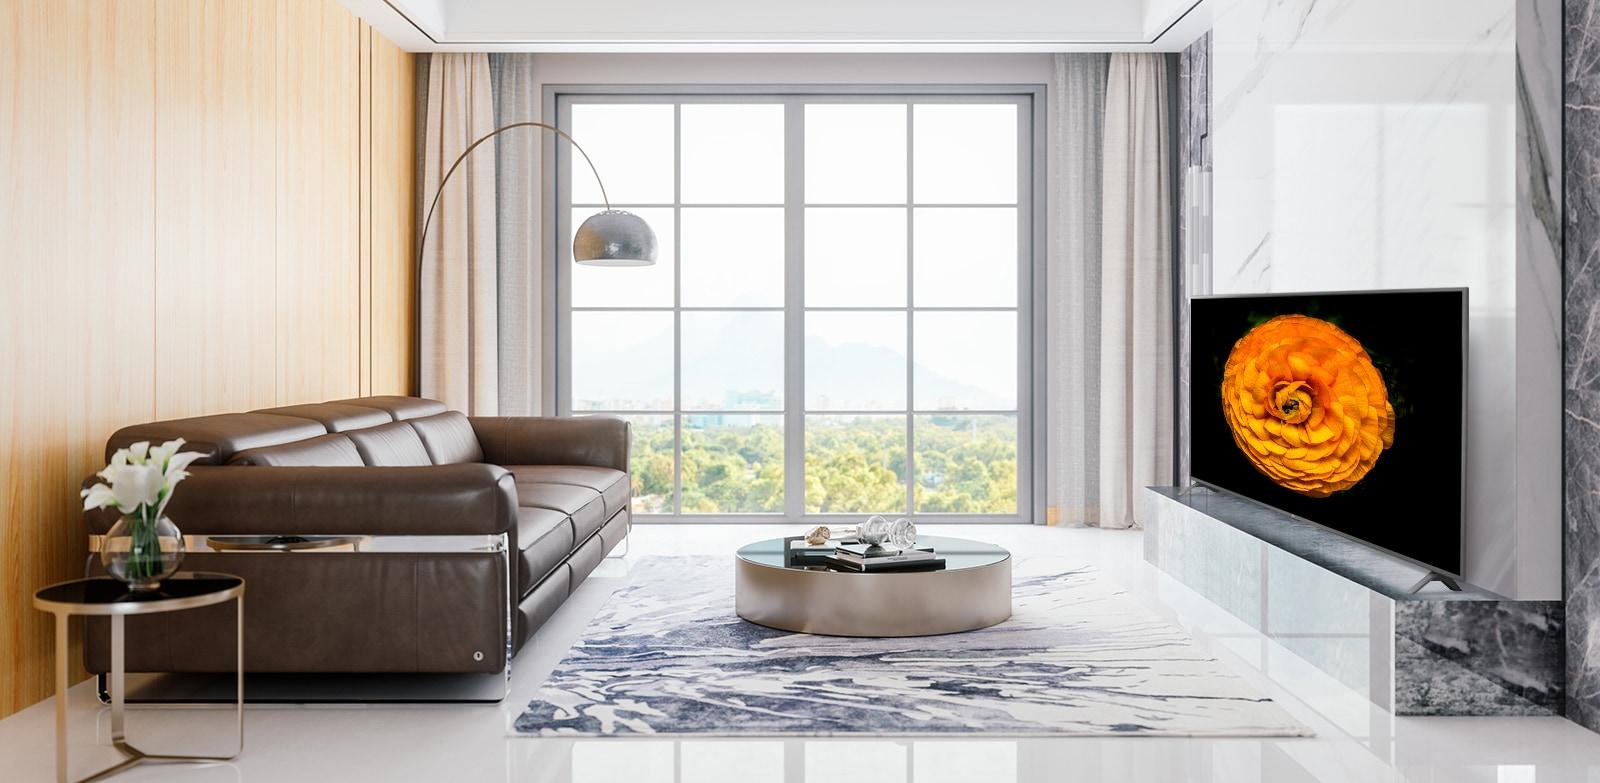 TV LG UHD localizada em uma parede em uma sala de estar com decoração minimalista. Imagem de uma flor é mostrada na tela da TV.